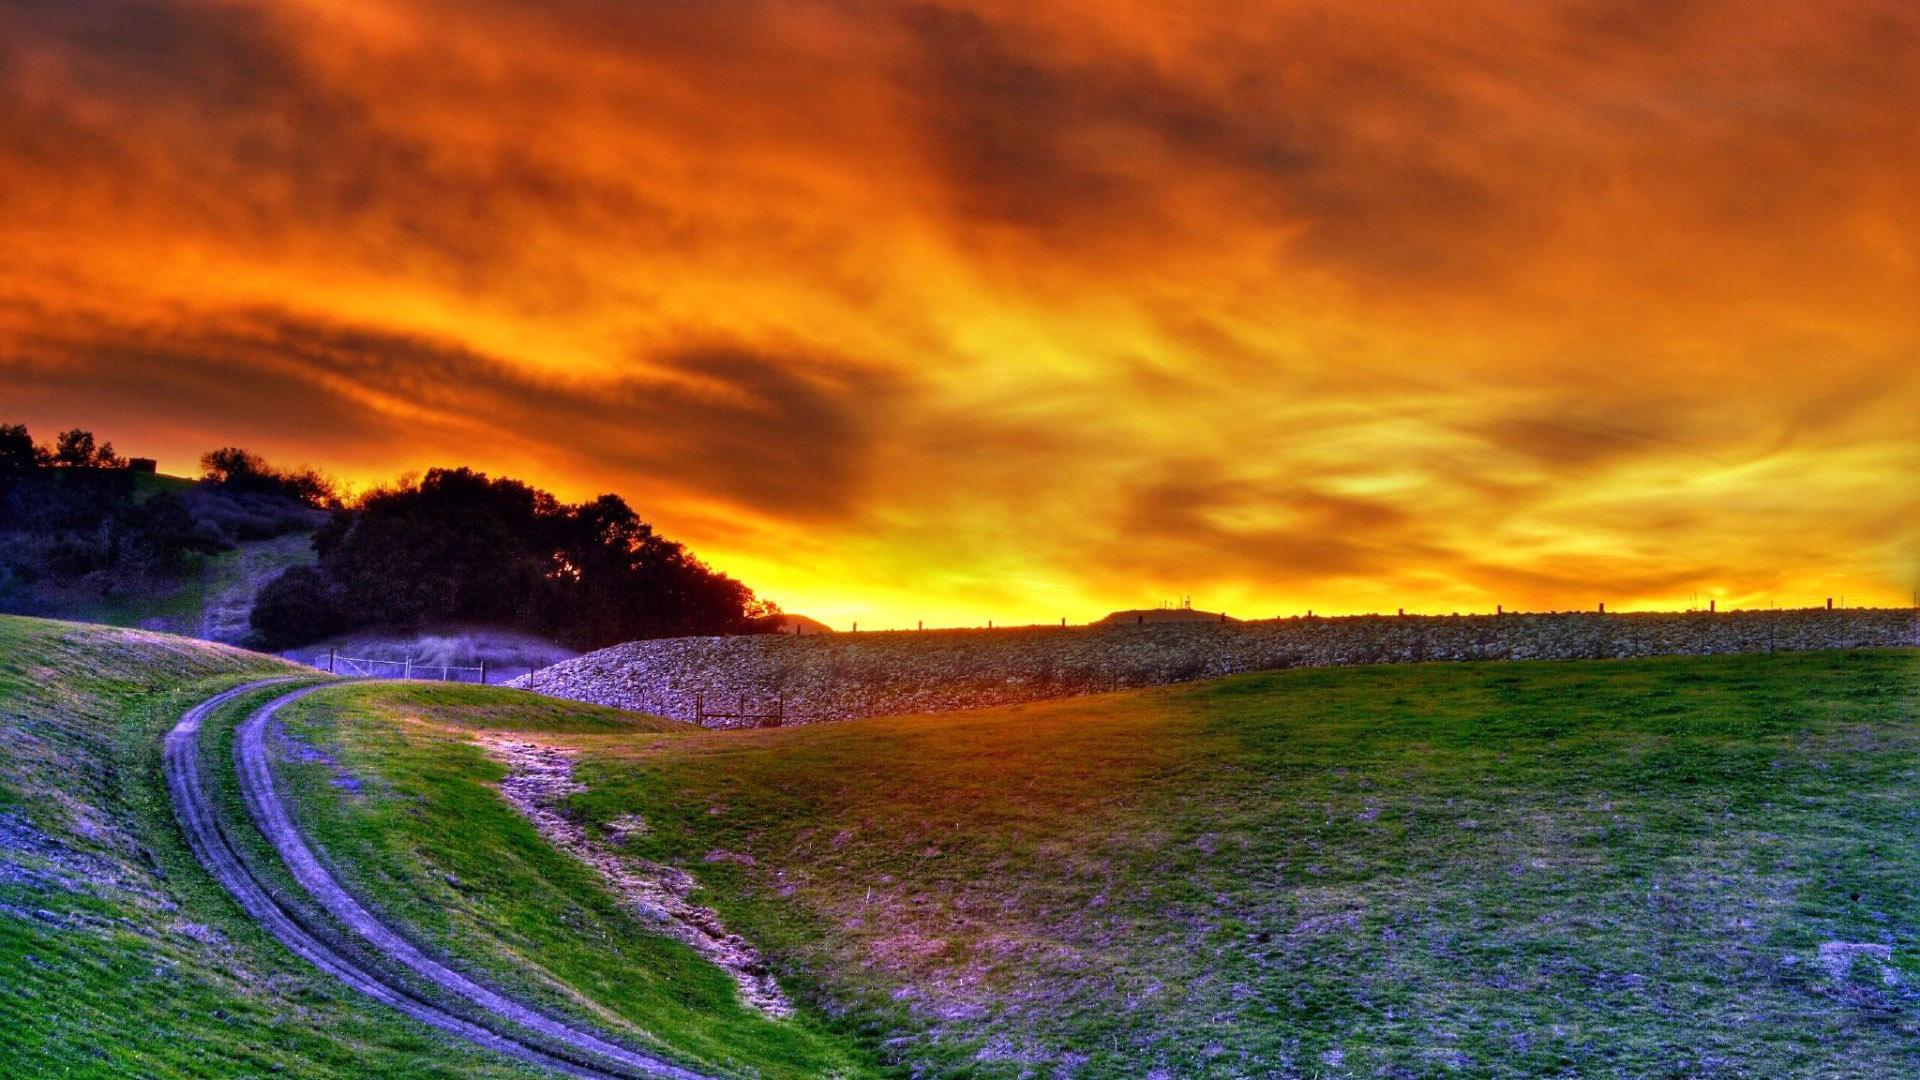 Cảnh đẹp thiên nhiên hoàng hôn trên cánh đồng hoa